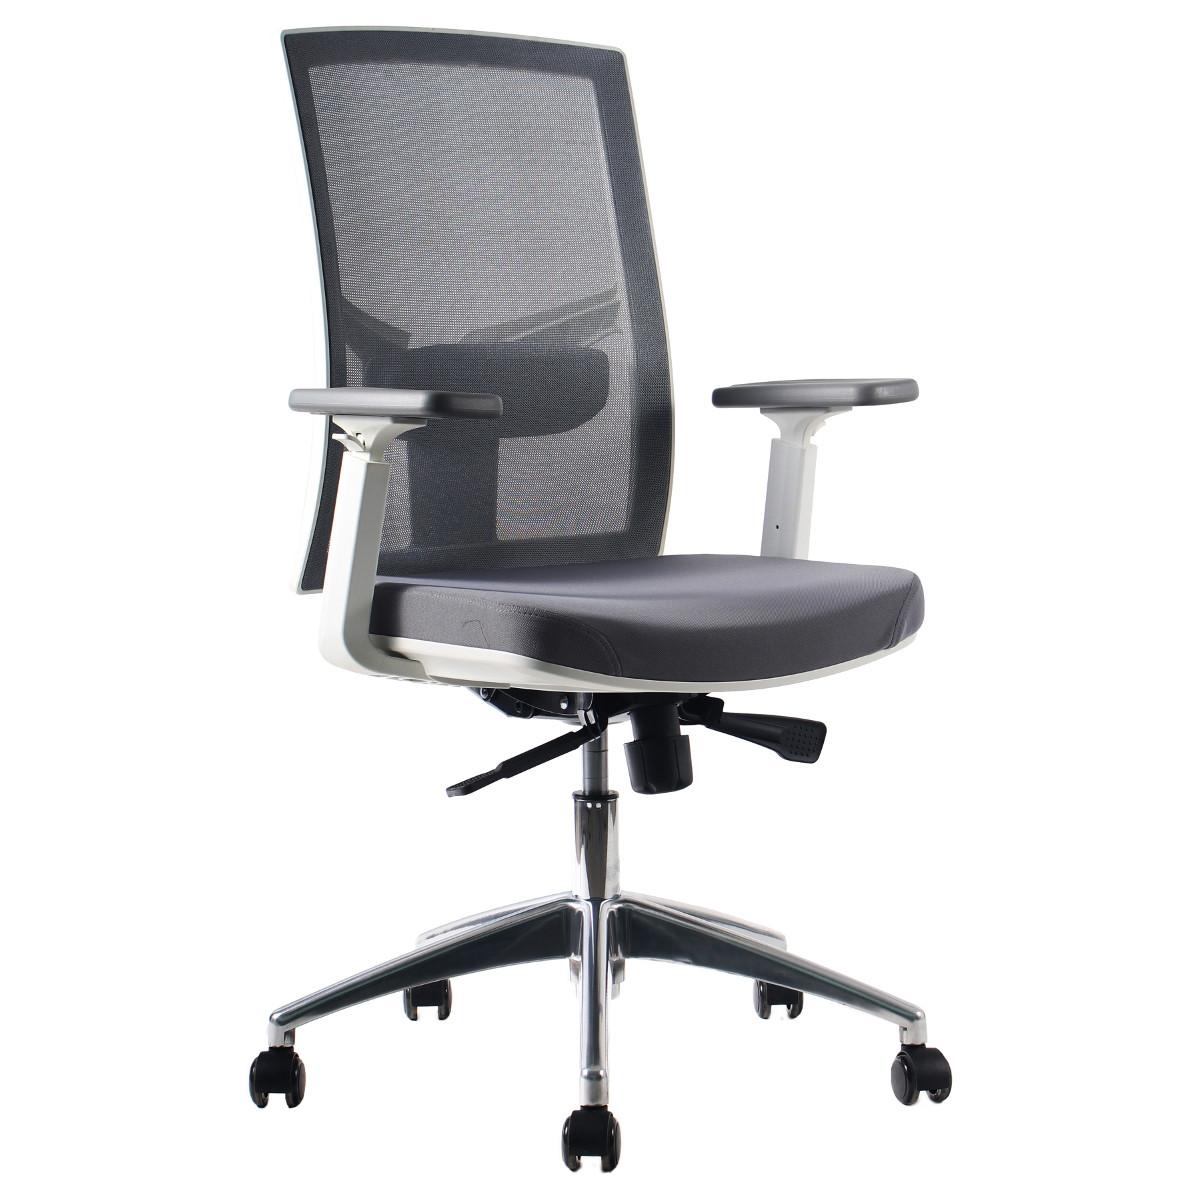 sillas ergonomicas industriales asiento y respaldo